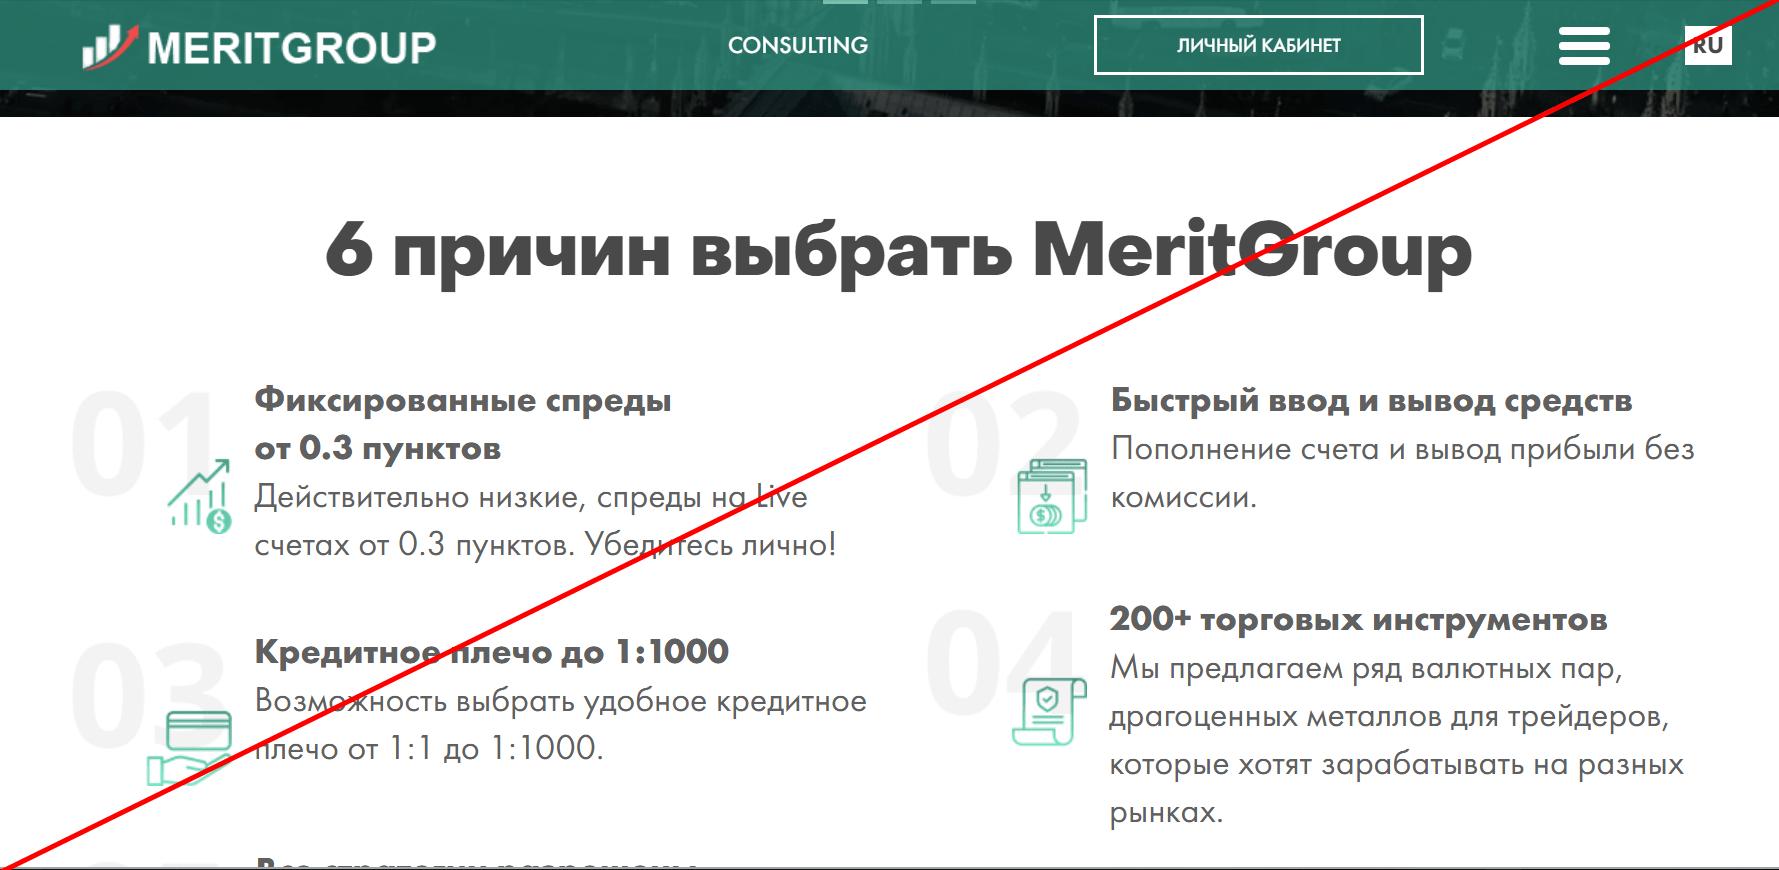 Обзор MeritGroup